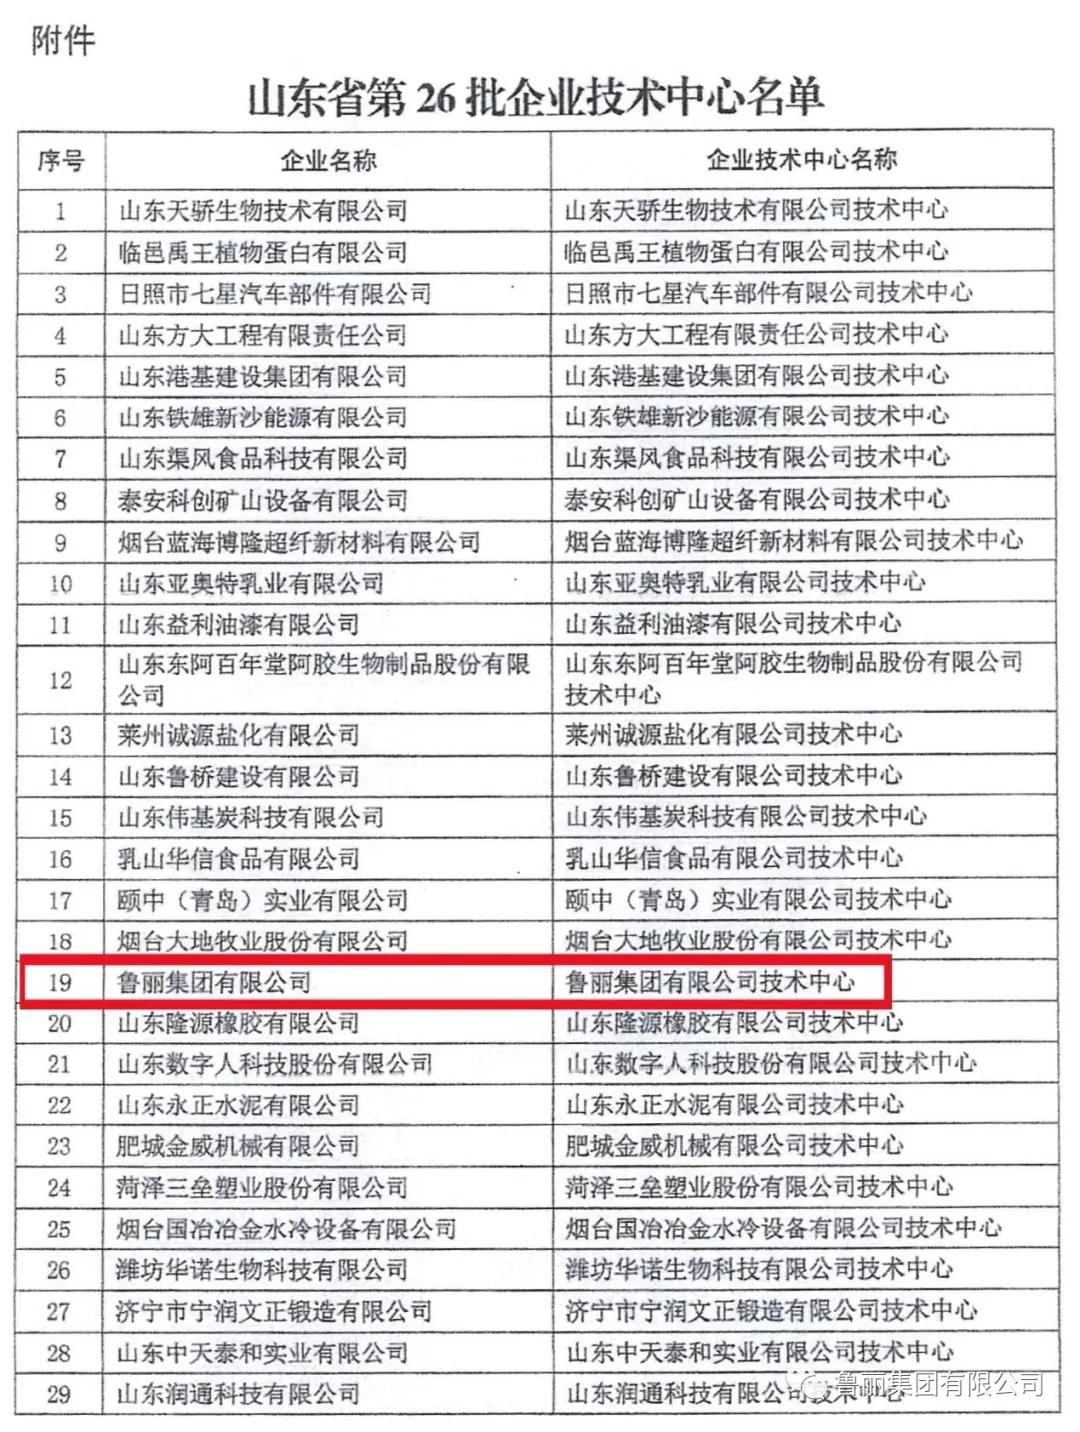 """鲁丽集团有限公司获""""省级企业技术中心""""认定"""